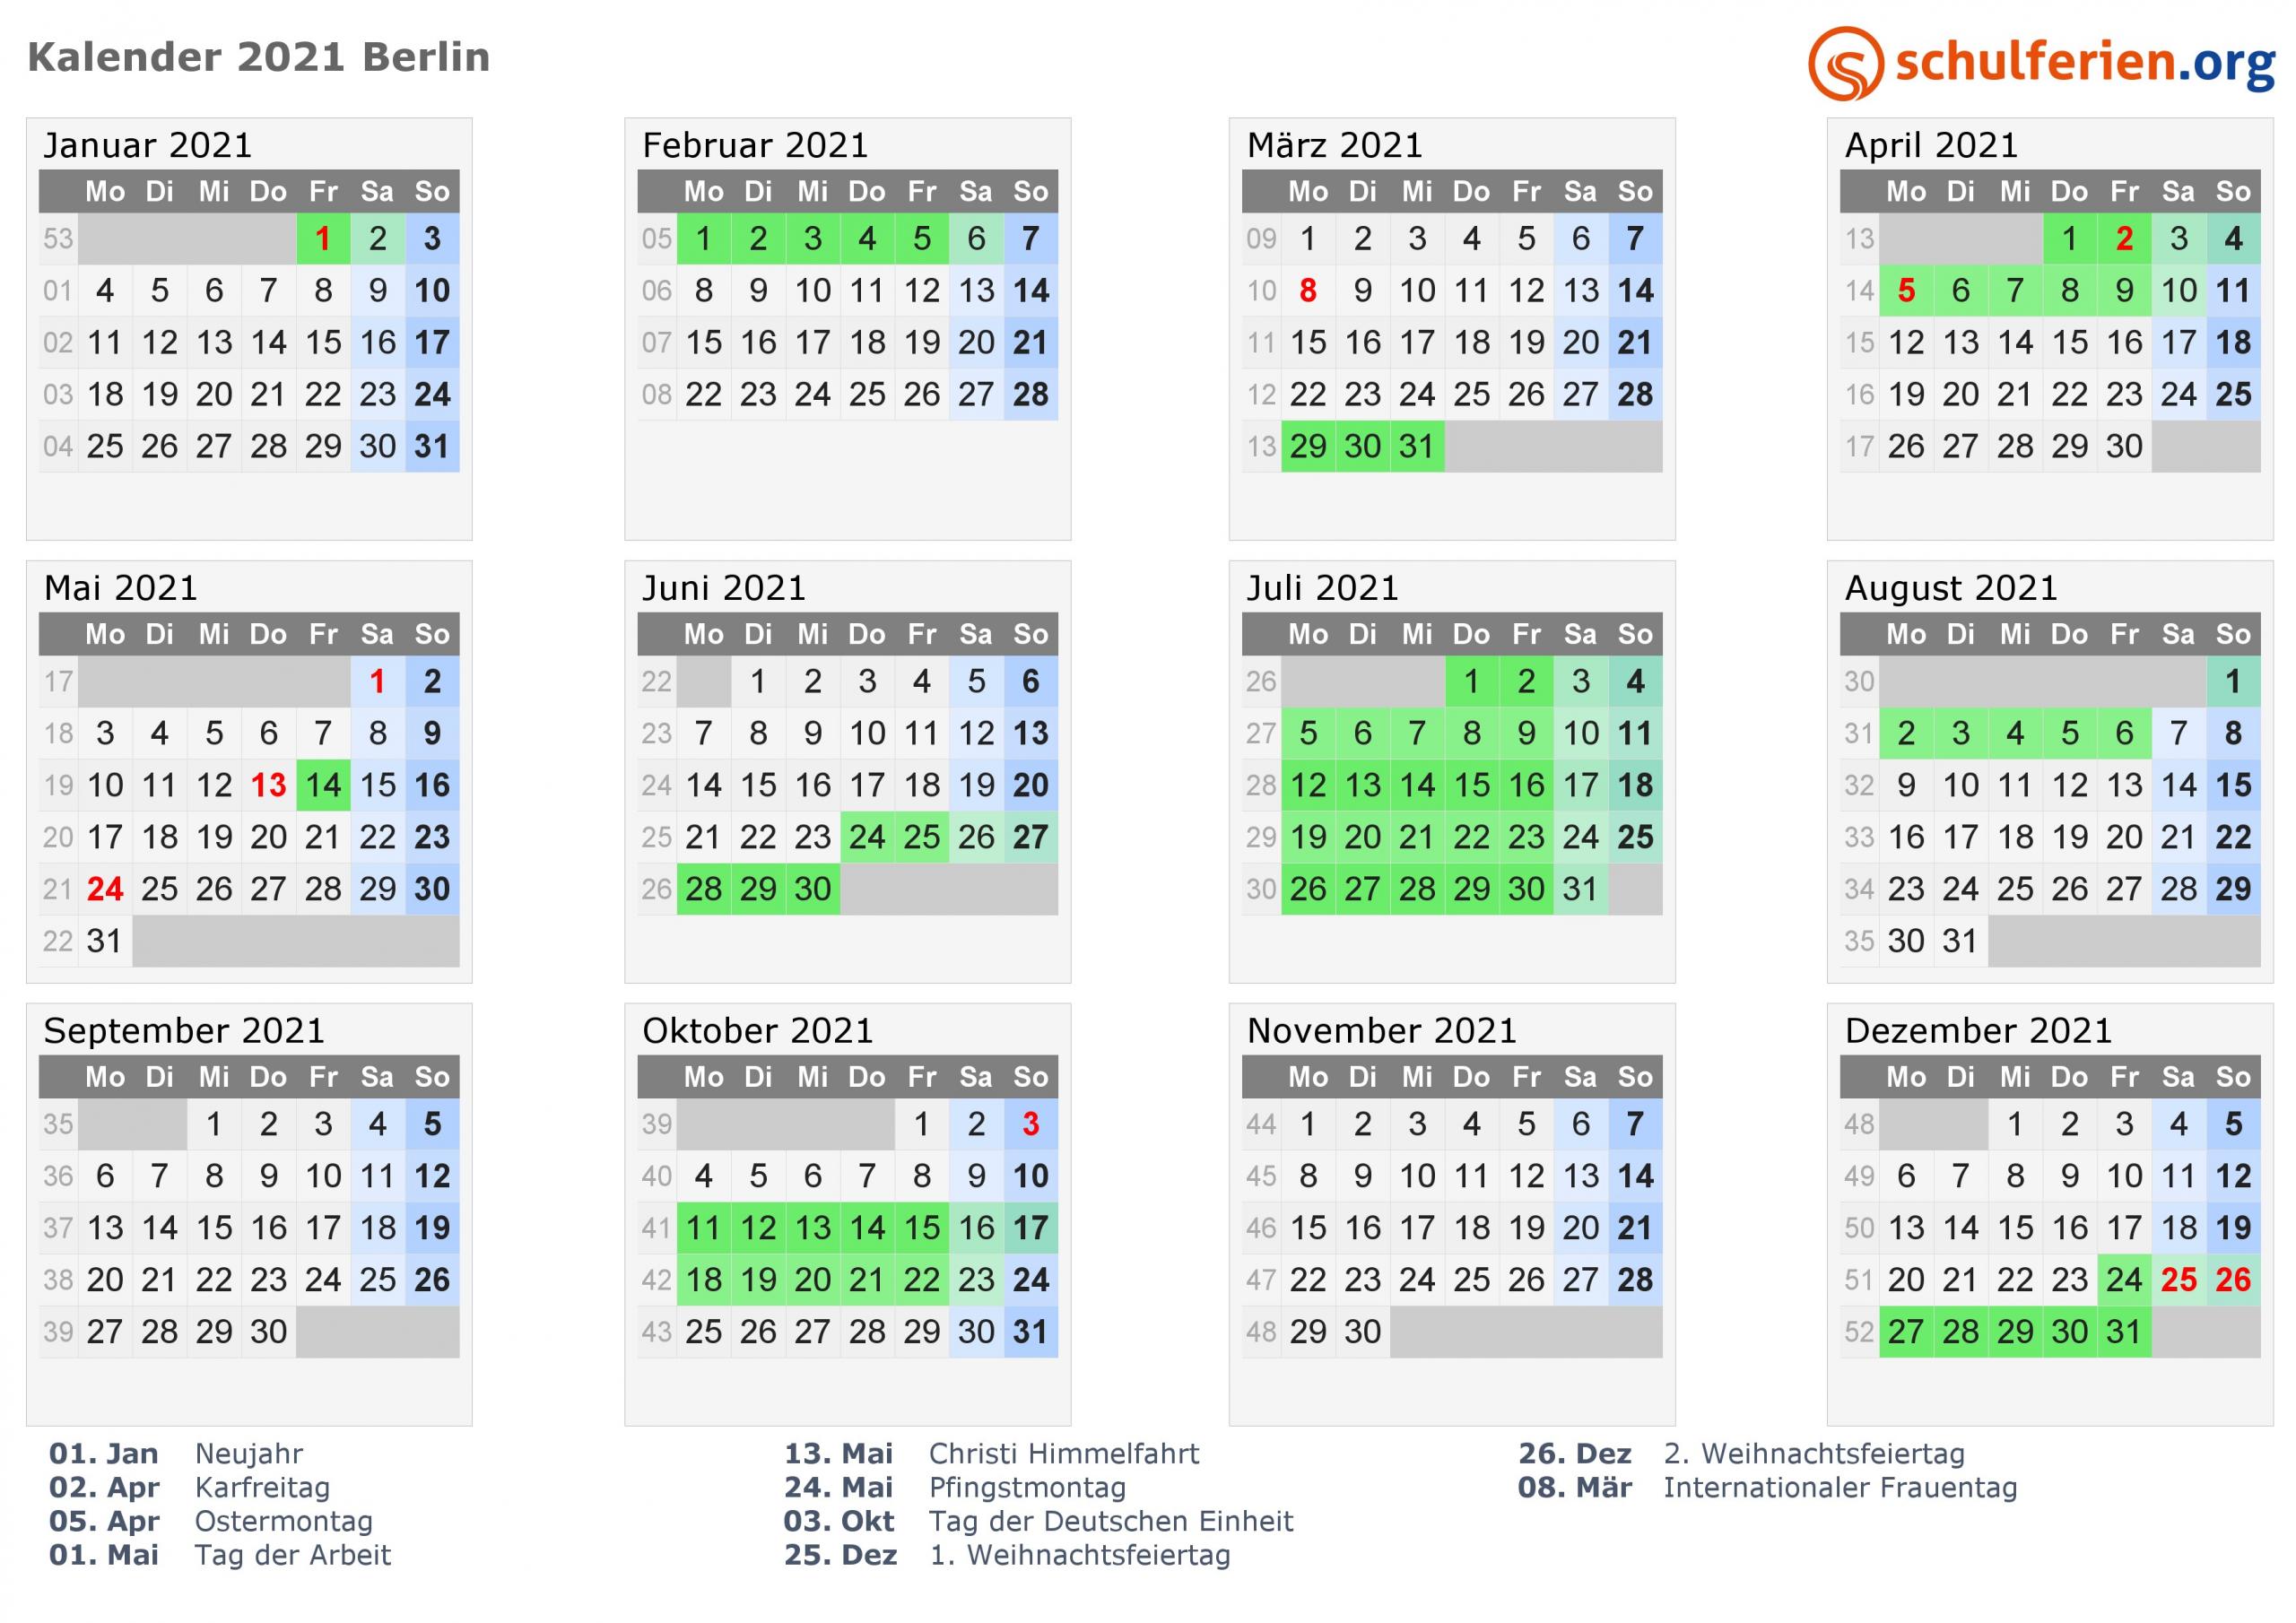 kalender 2021 berlin quer